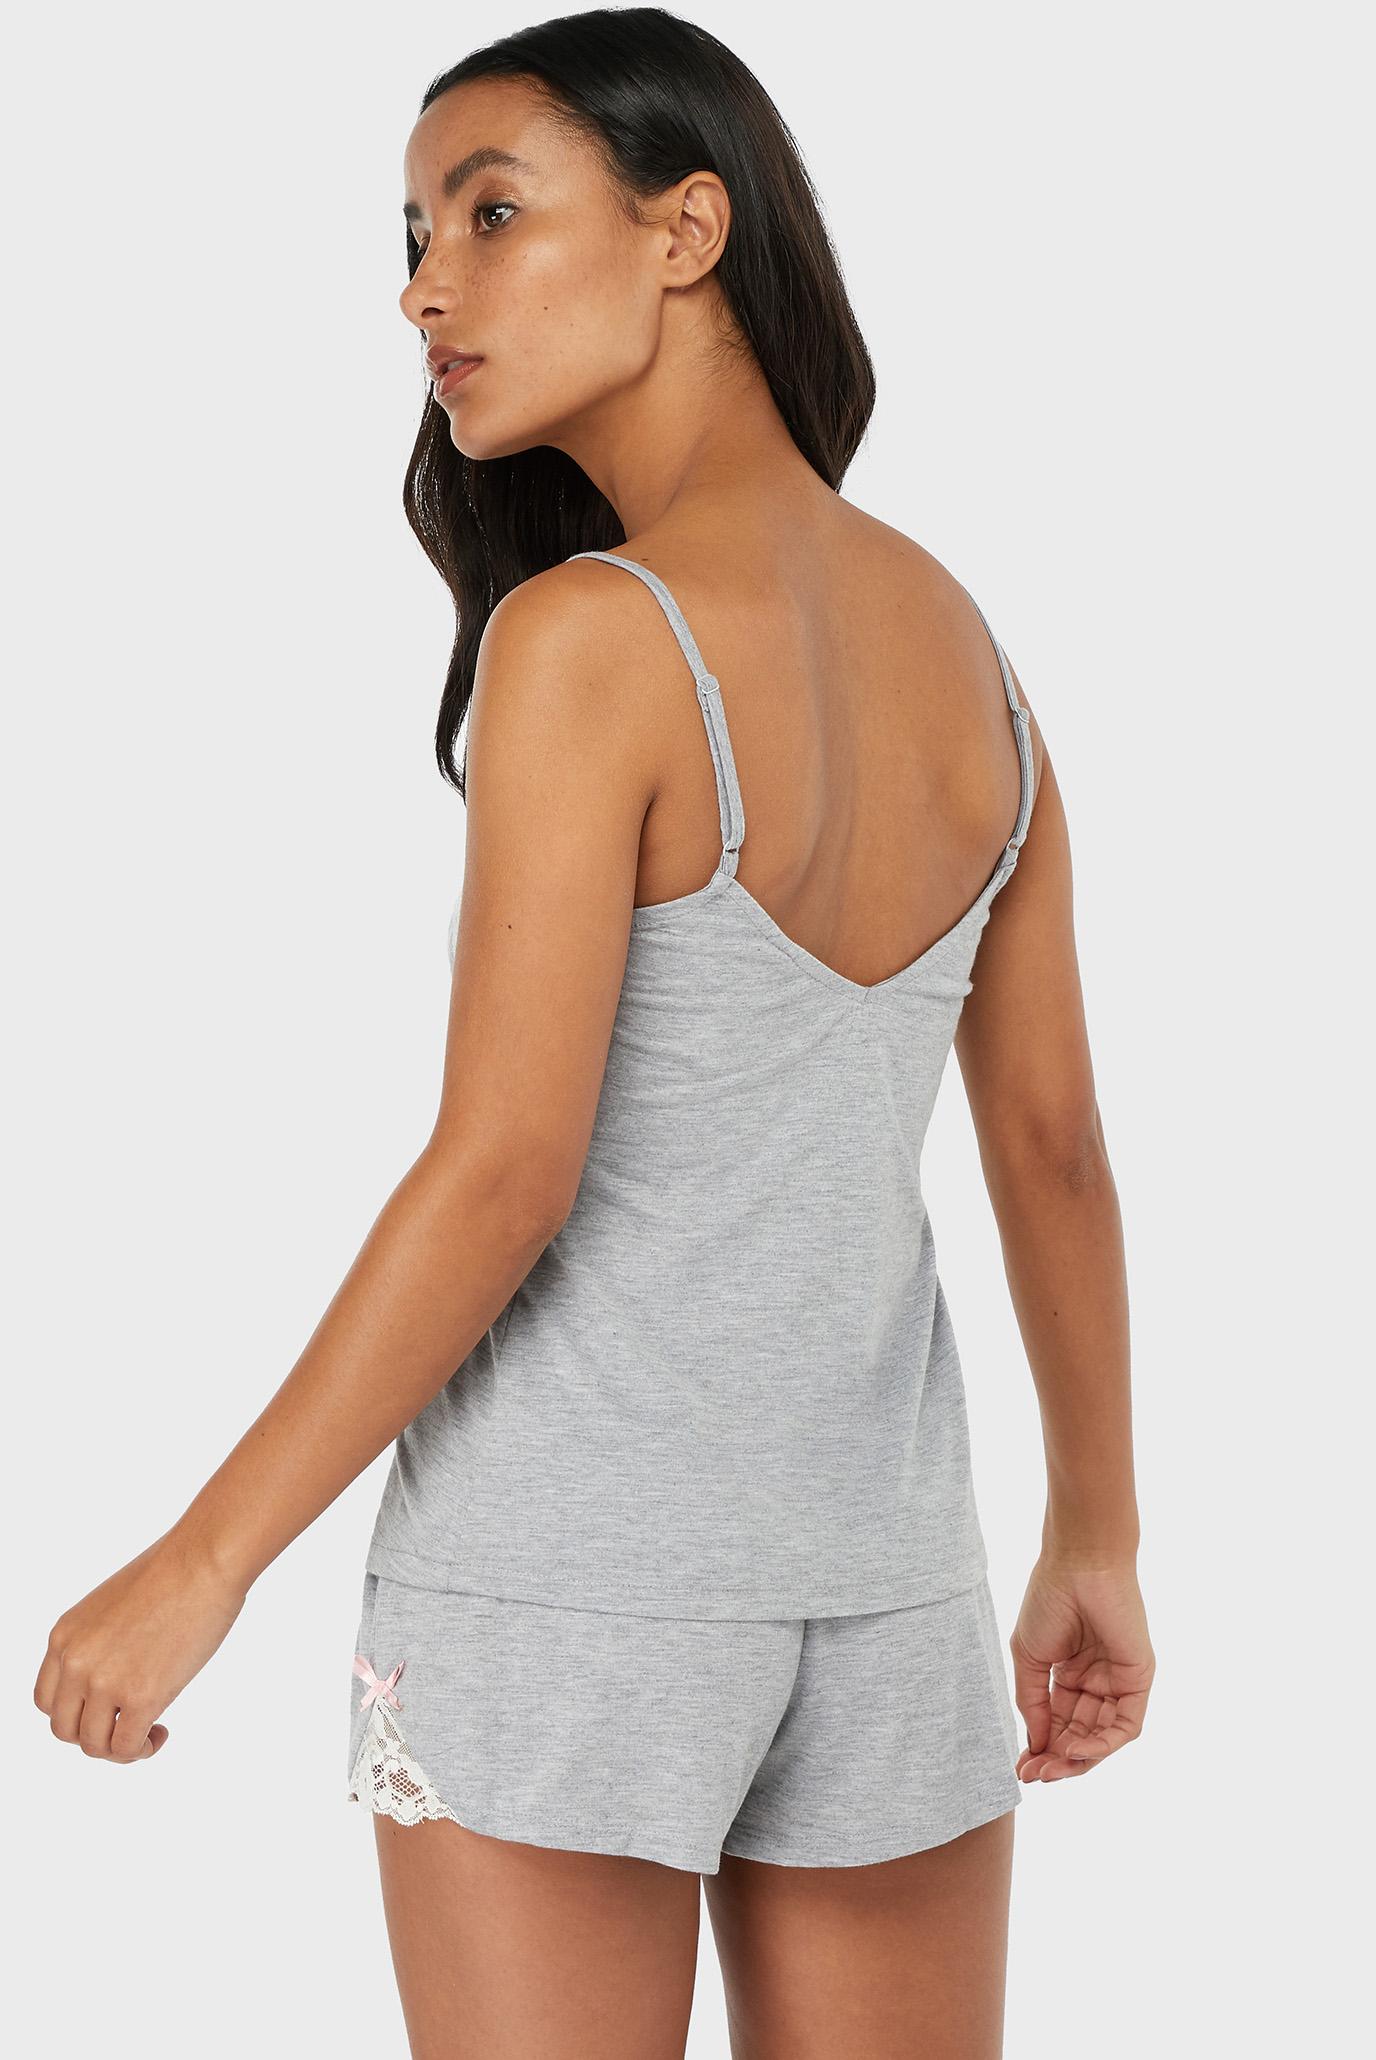 Женская серая пижама (шорты, майка) Teya Plain Vest Set Accessorize